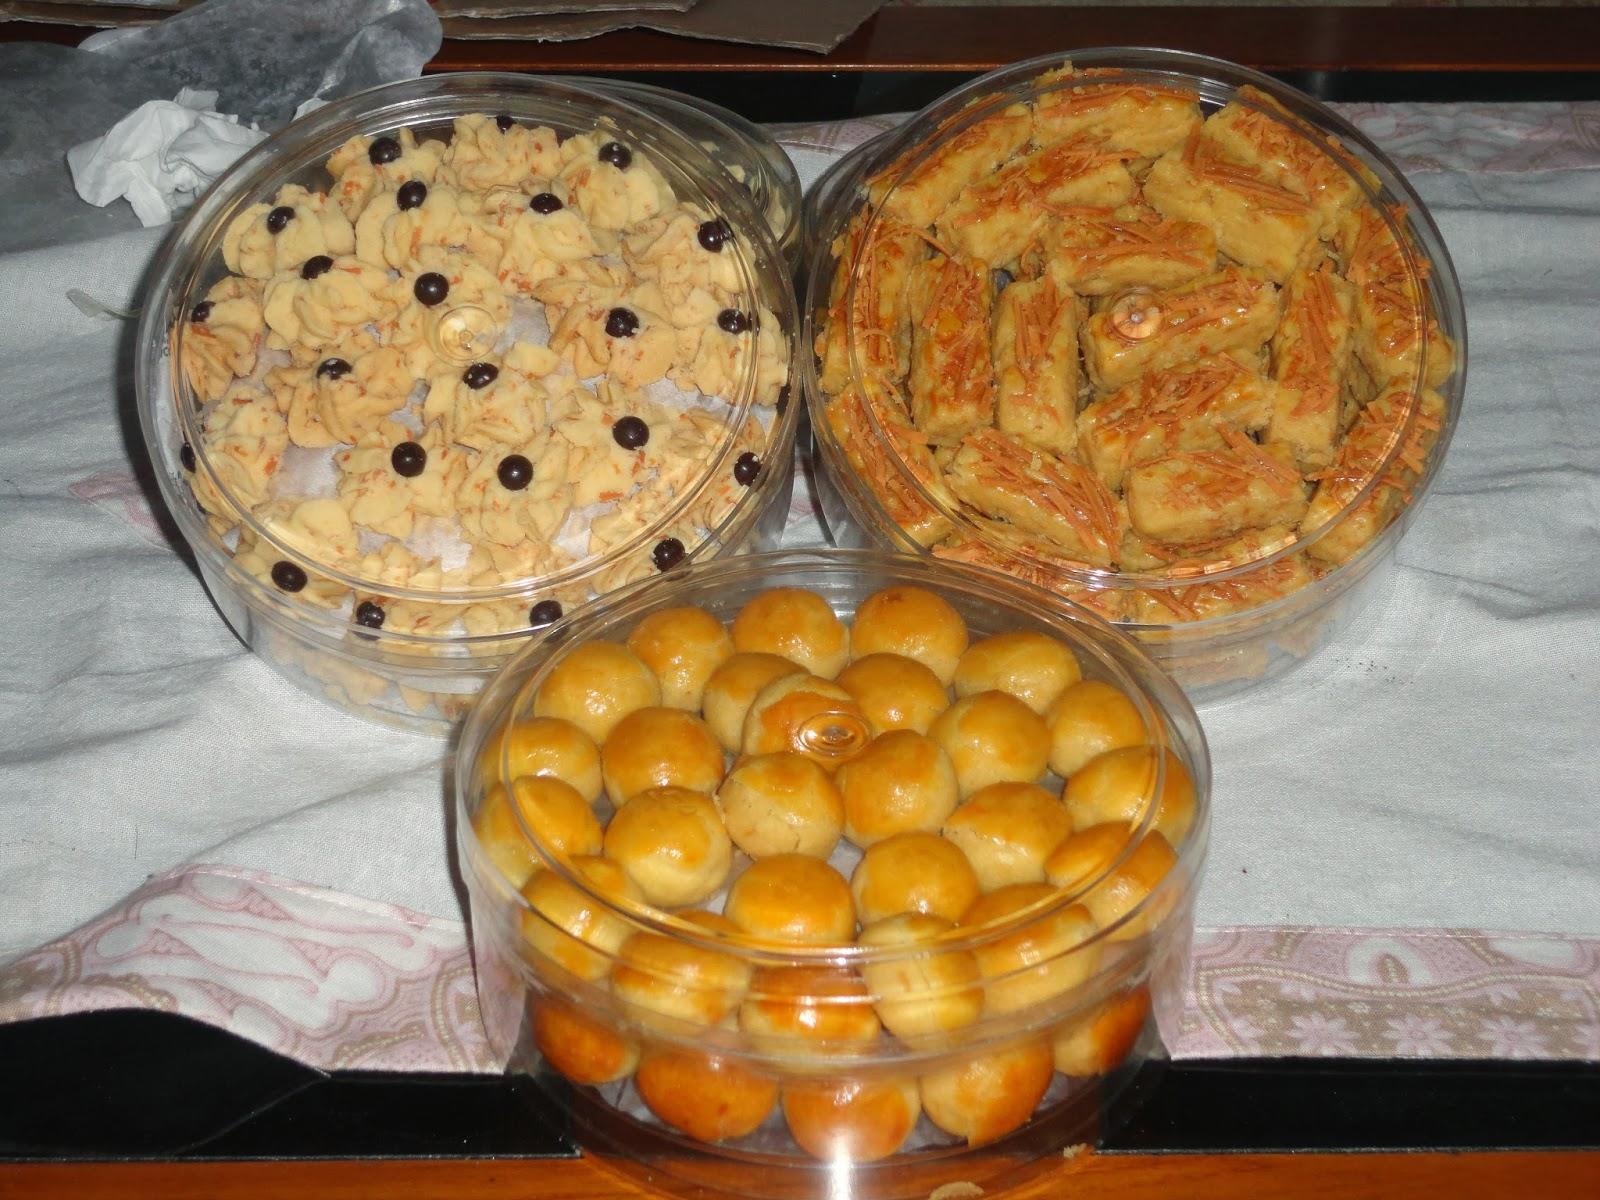 Dapur Vinani Kastangel Keju Edam Beberapa Cookies Yang Jadi Favorit Konsumen Diantaranya Nastar Nanas Sagu Dan Kastengel